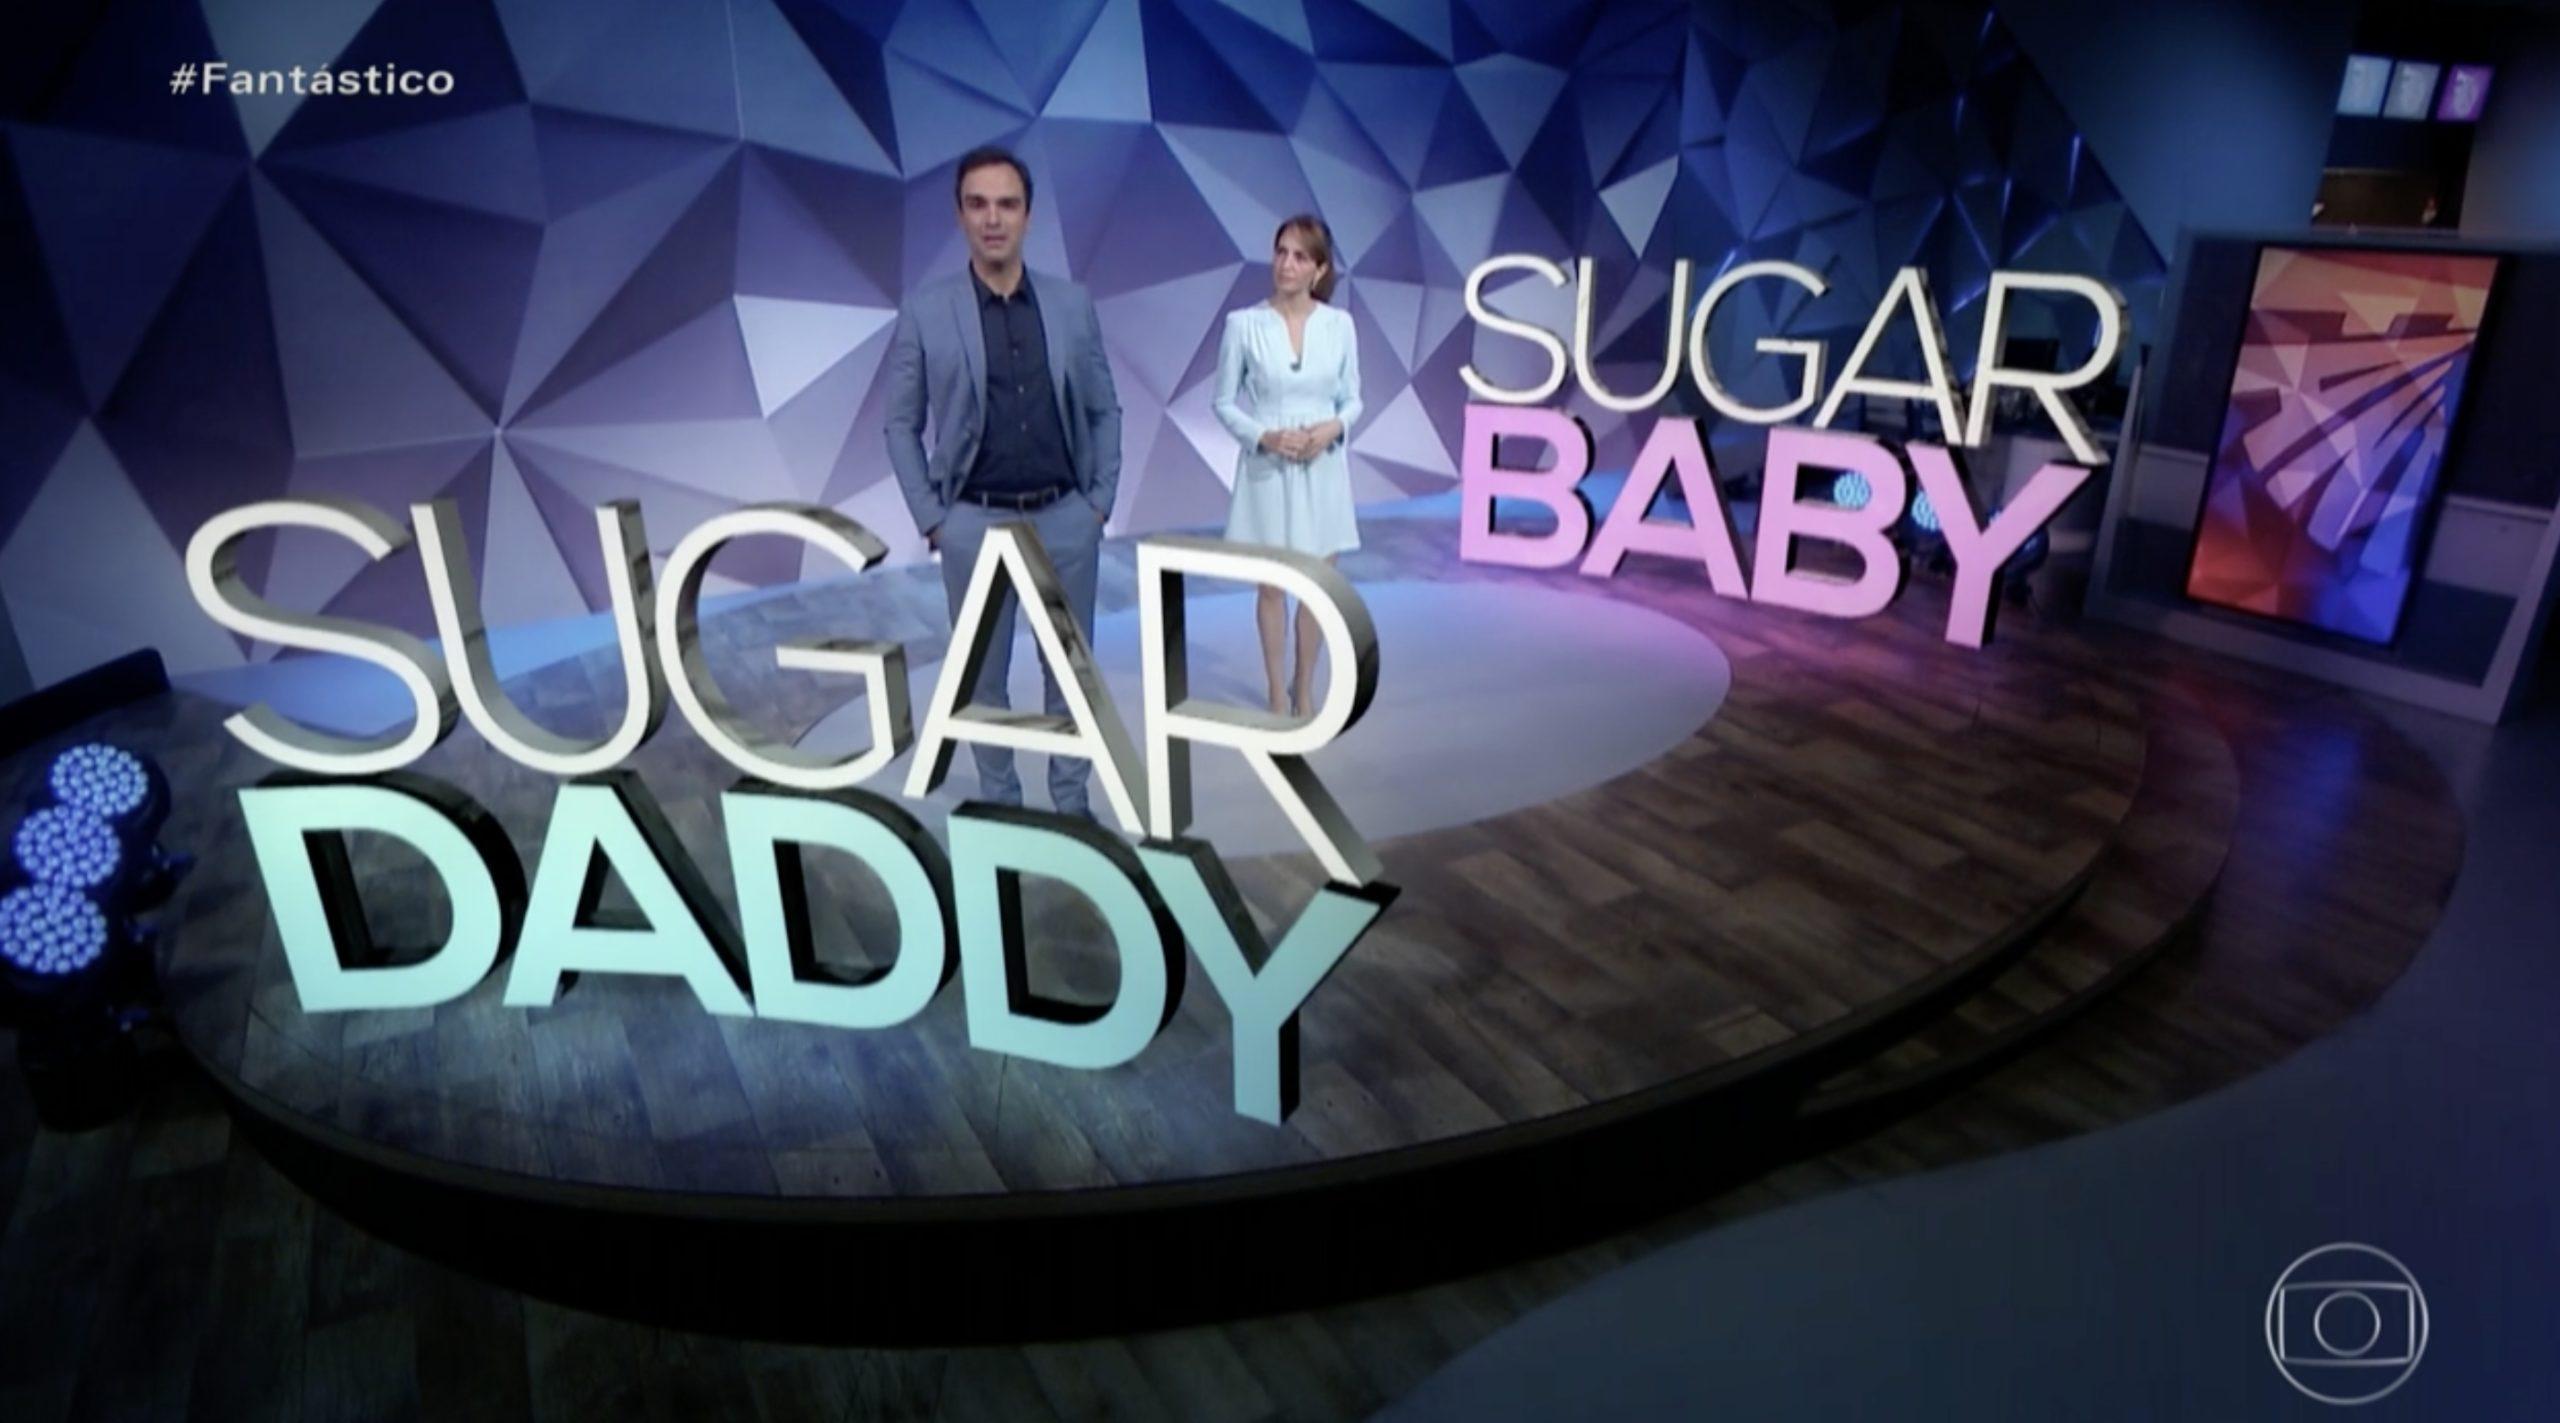 Relacionamento sugar vira assunto no Fantástico